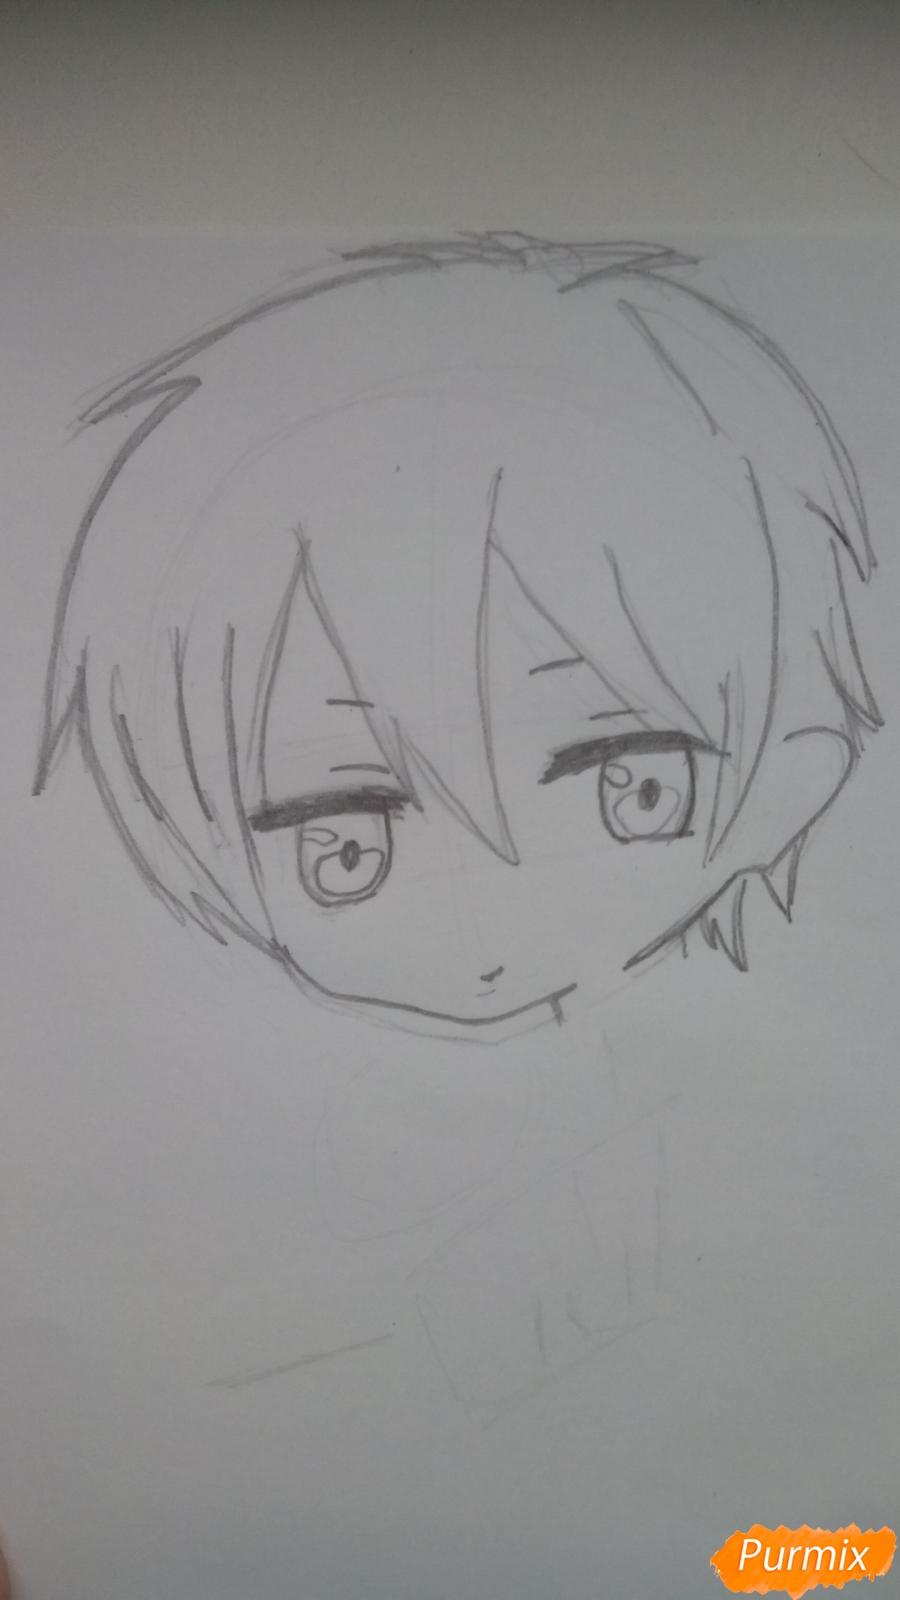 Рисуем чиби Куроко карандашами - шаг 2